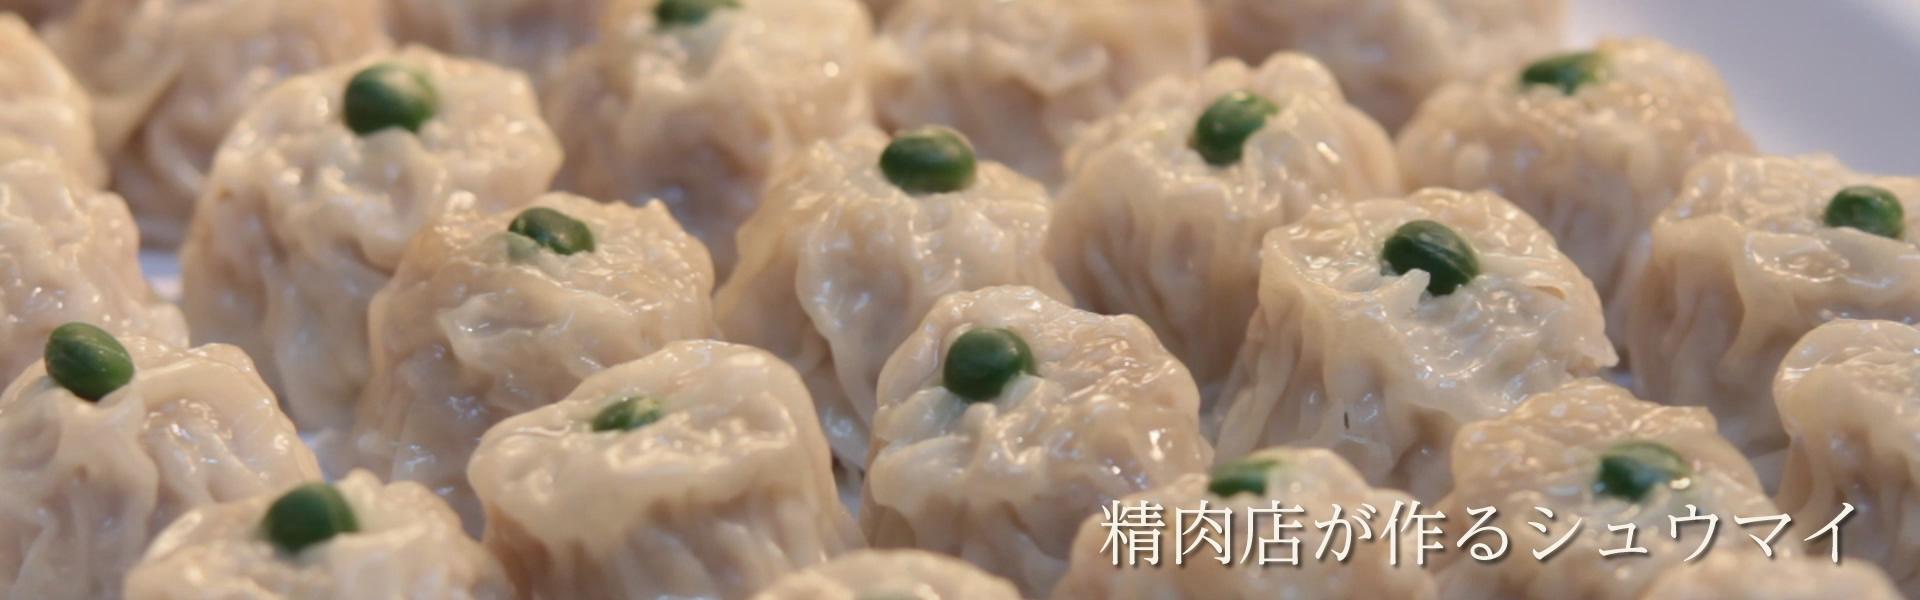 肉にいろはのお惣菜(シューマイ)